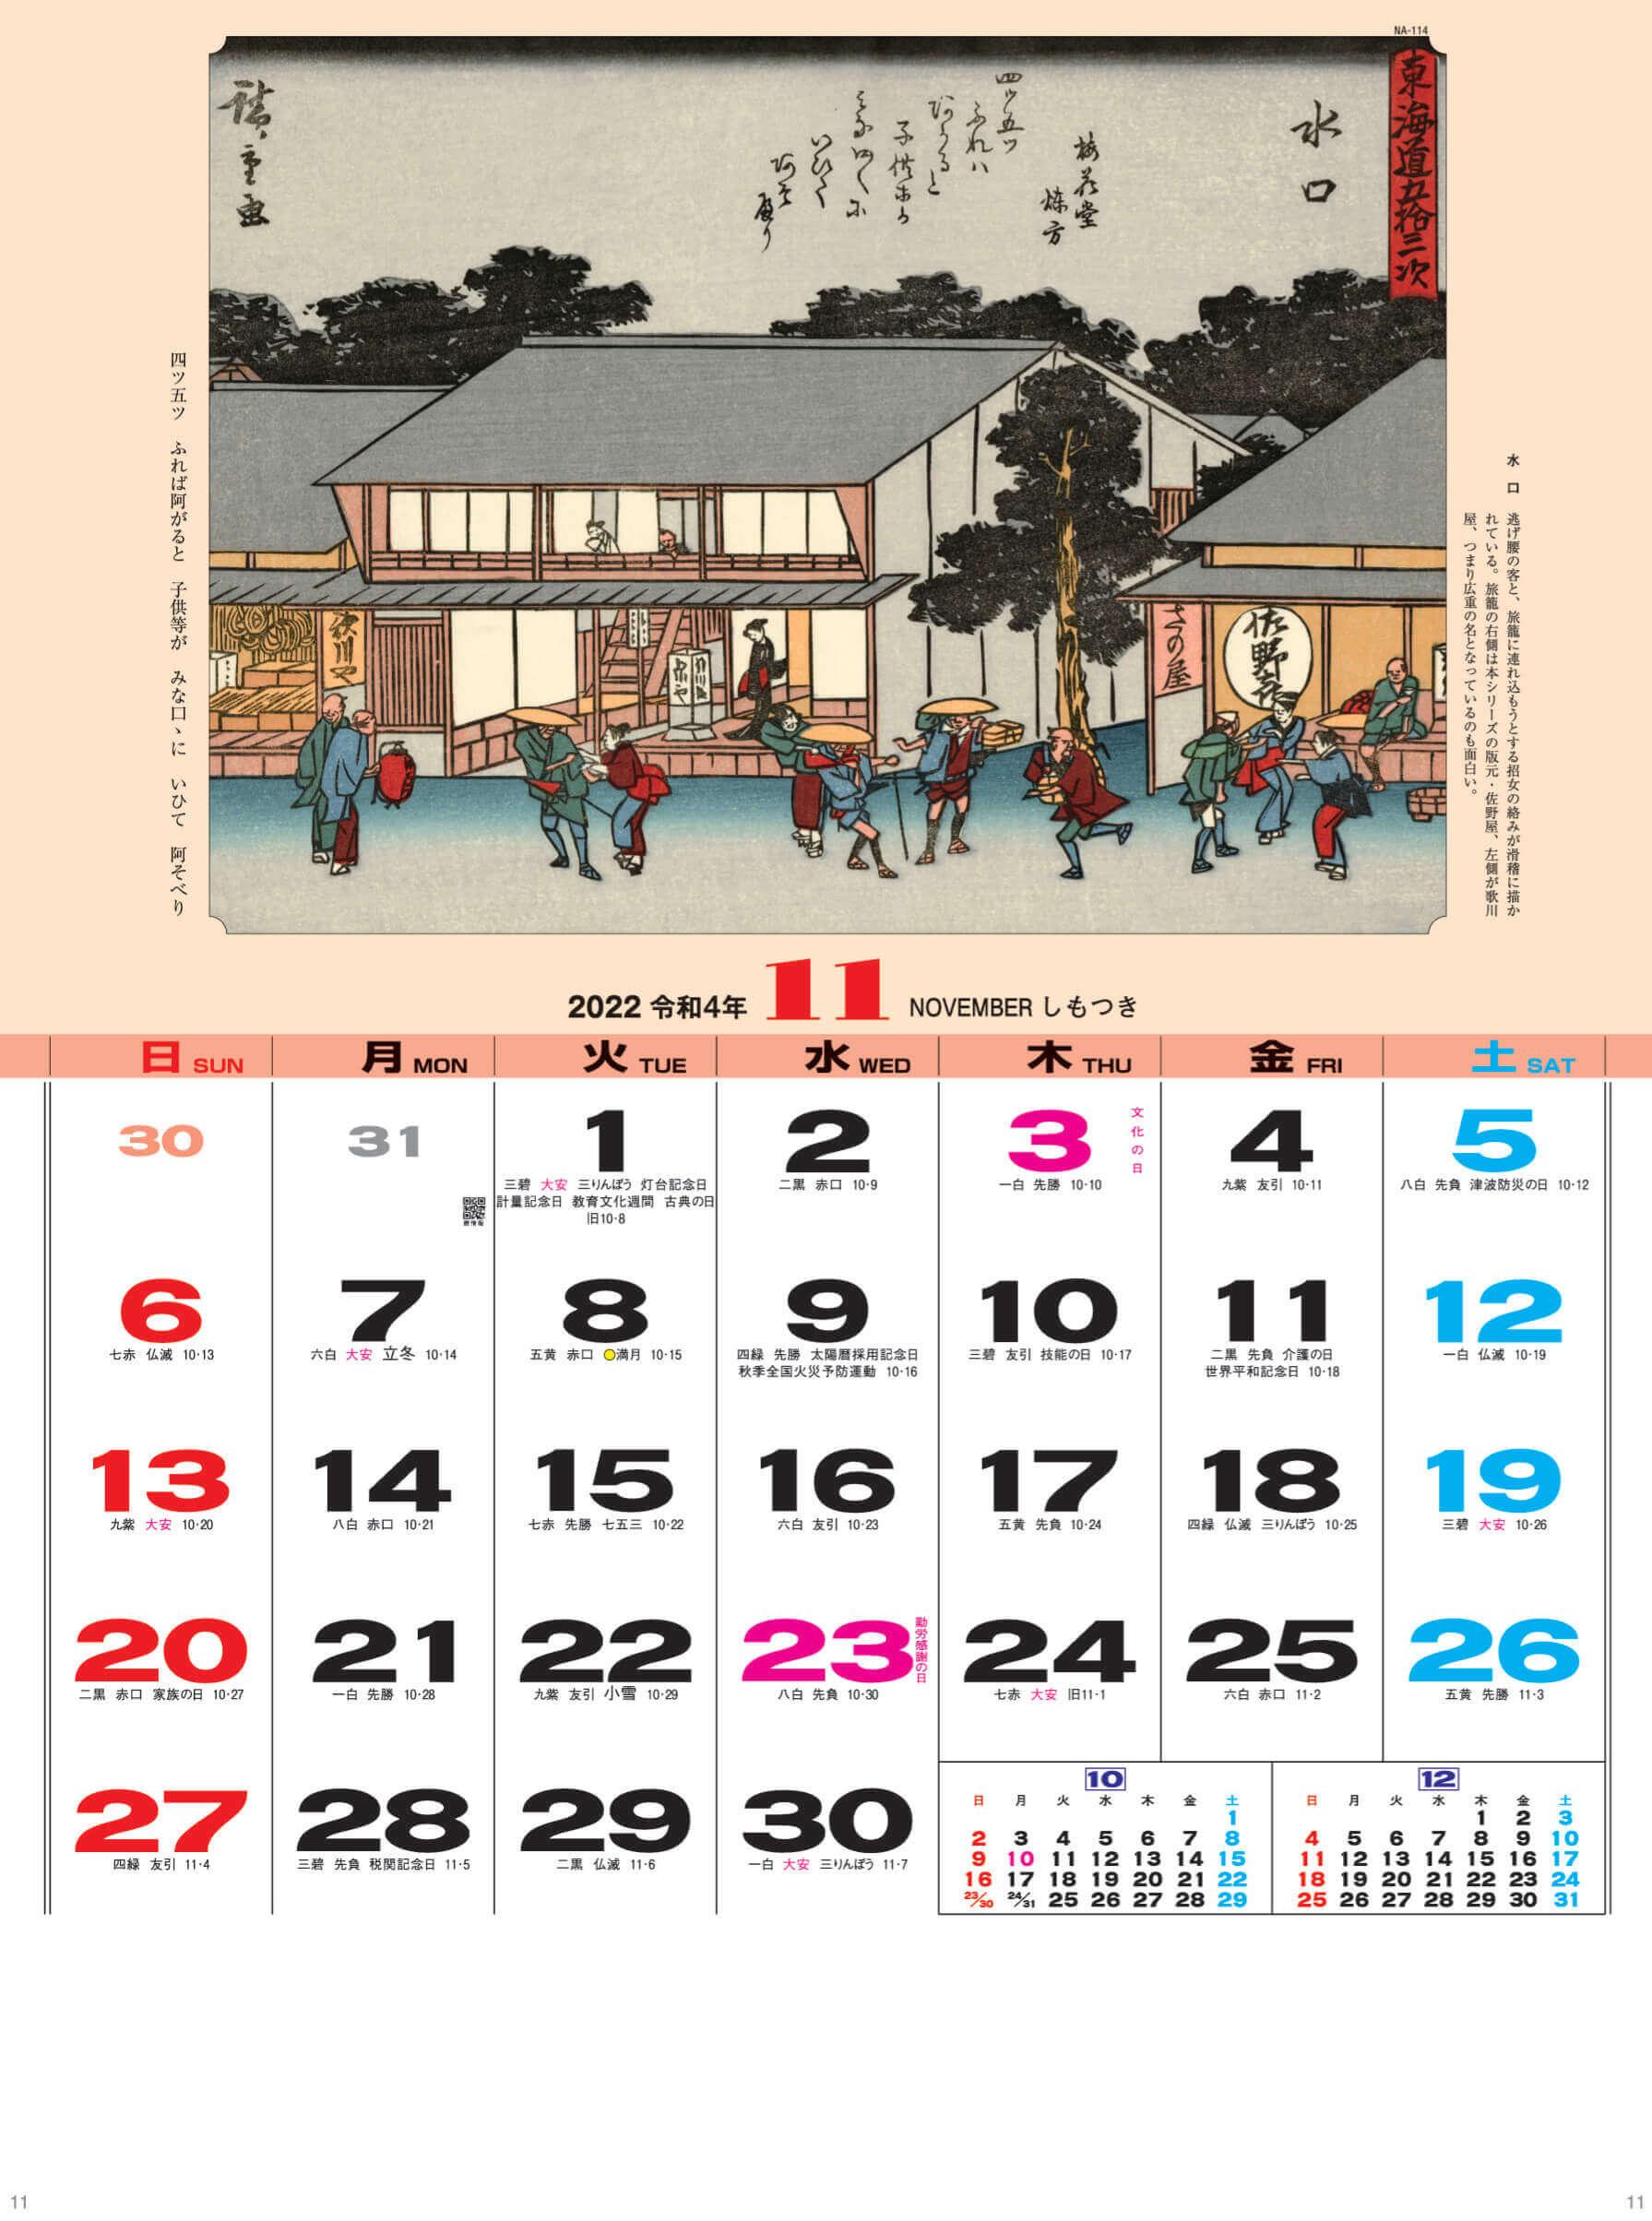 水口 広重 東海道五十三次 2022年カレンダーの画像